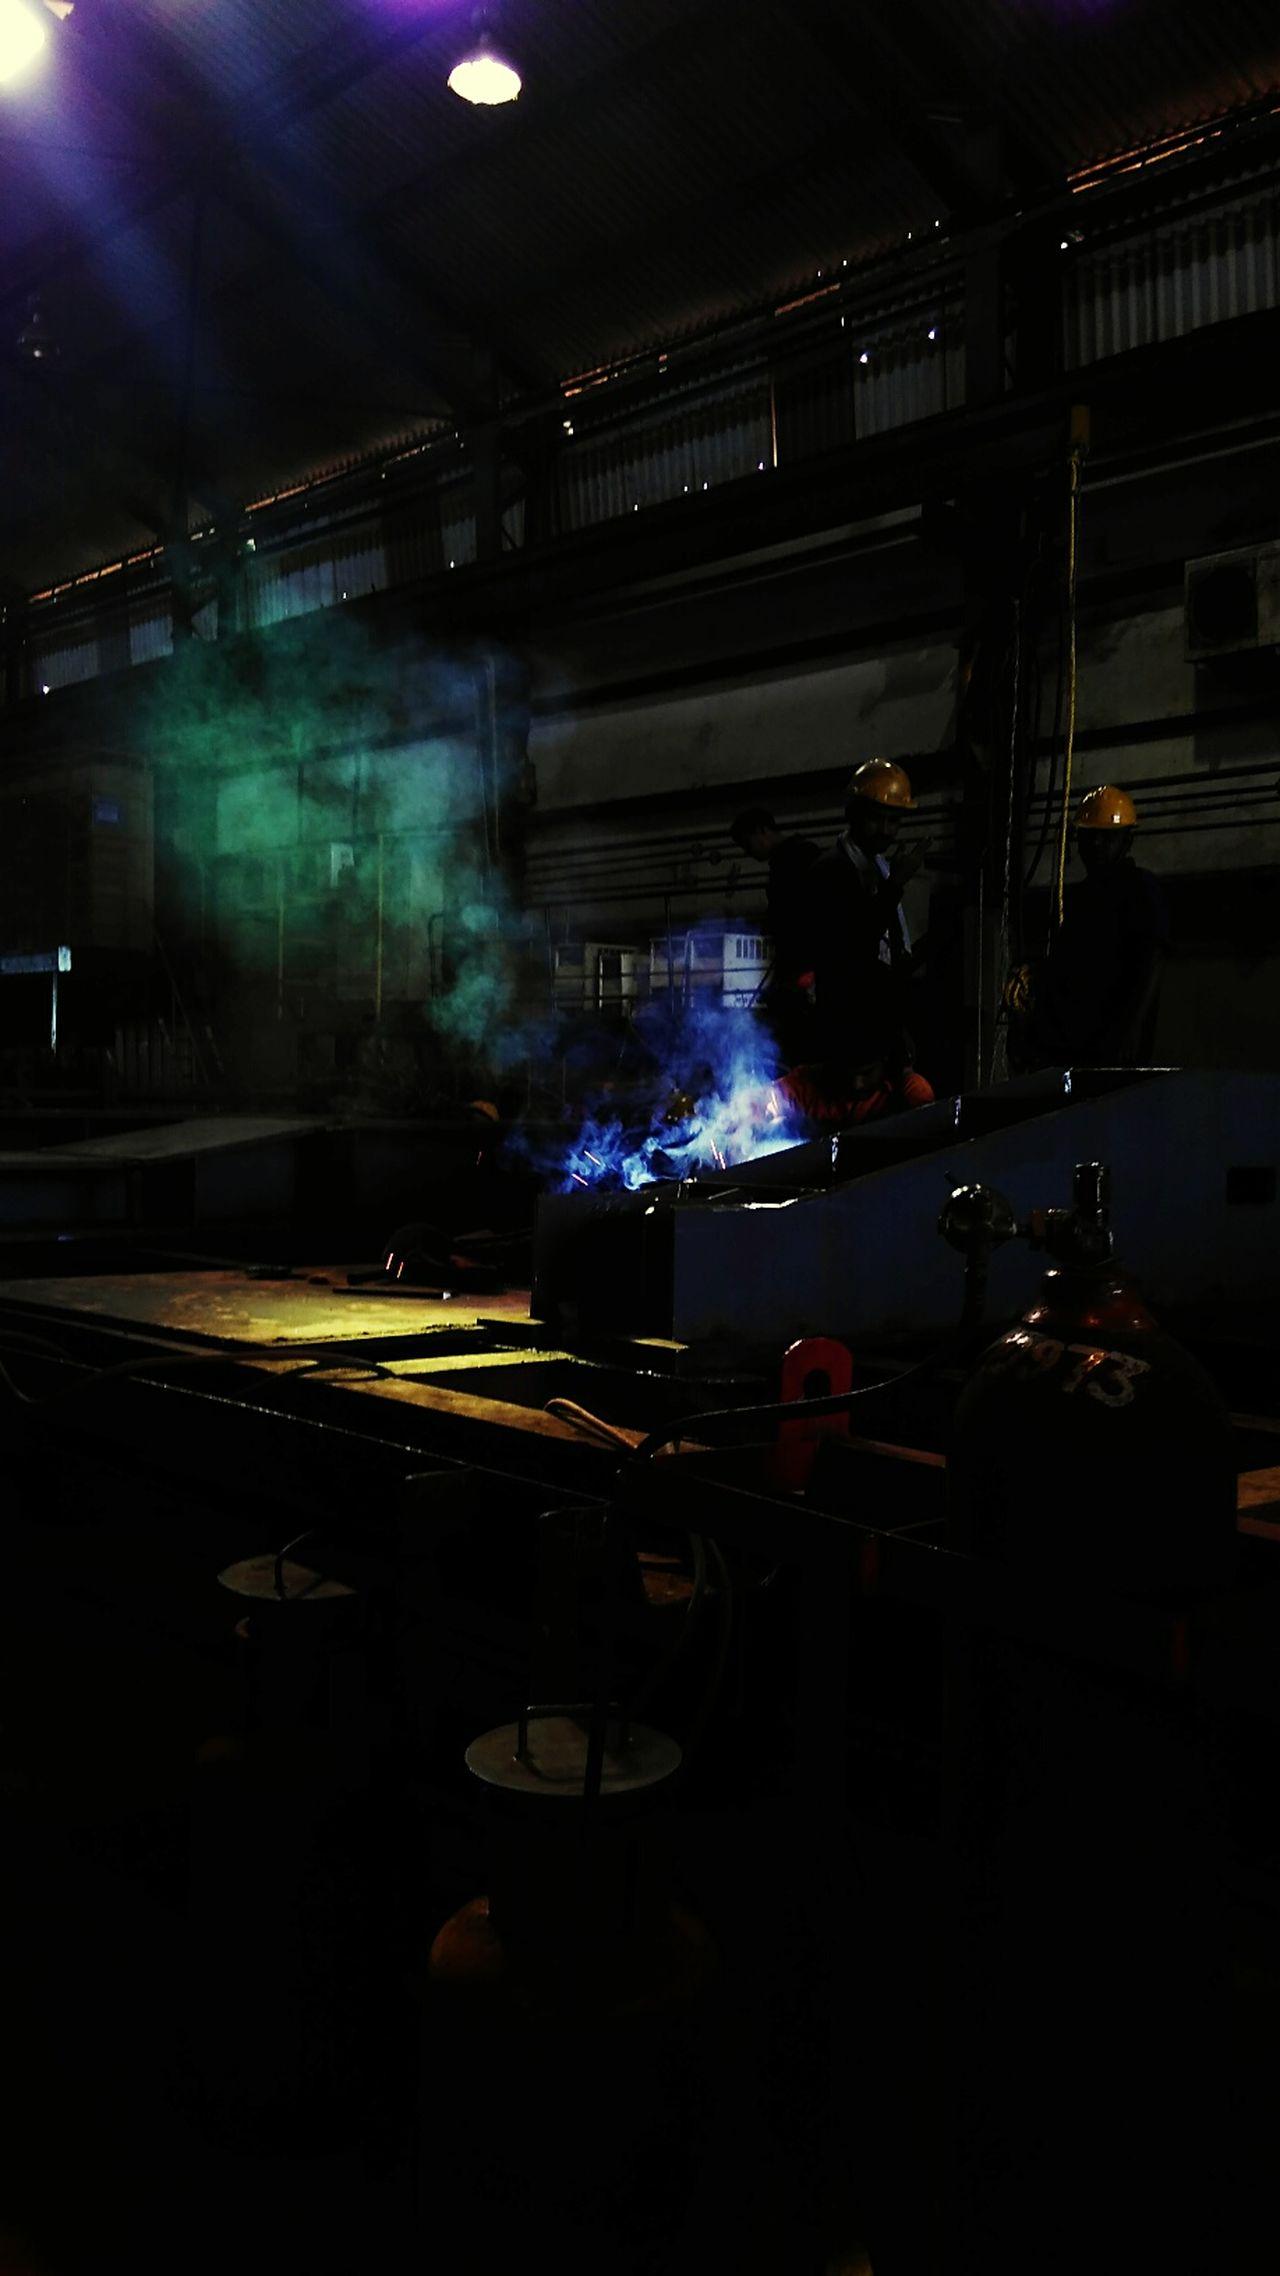 Welding Work Art Colors Welding An Iron Structure Welding Gas